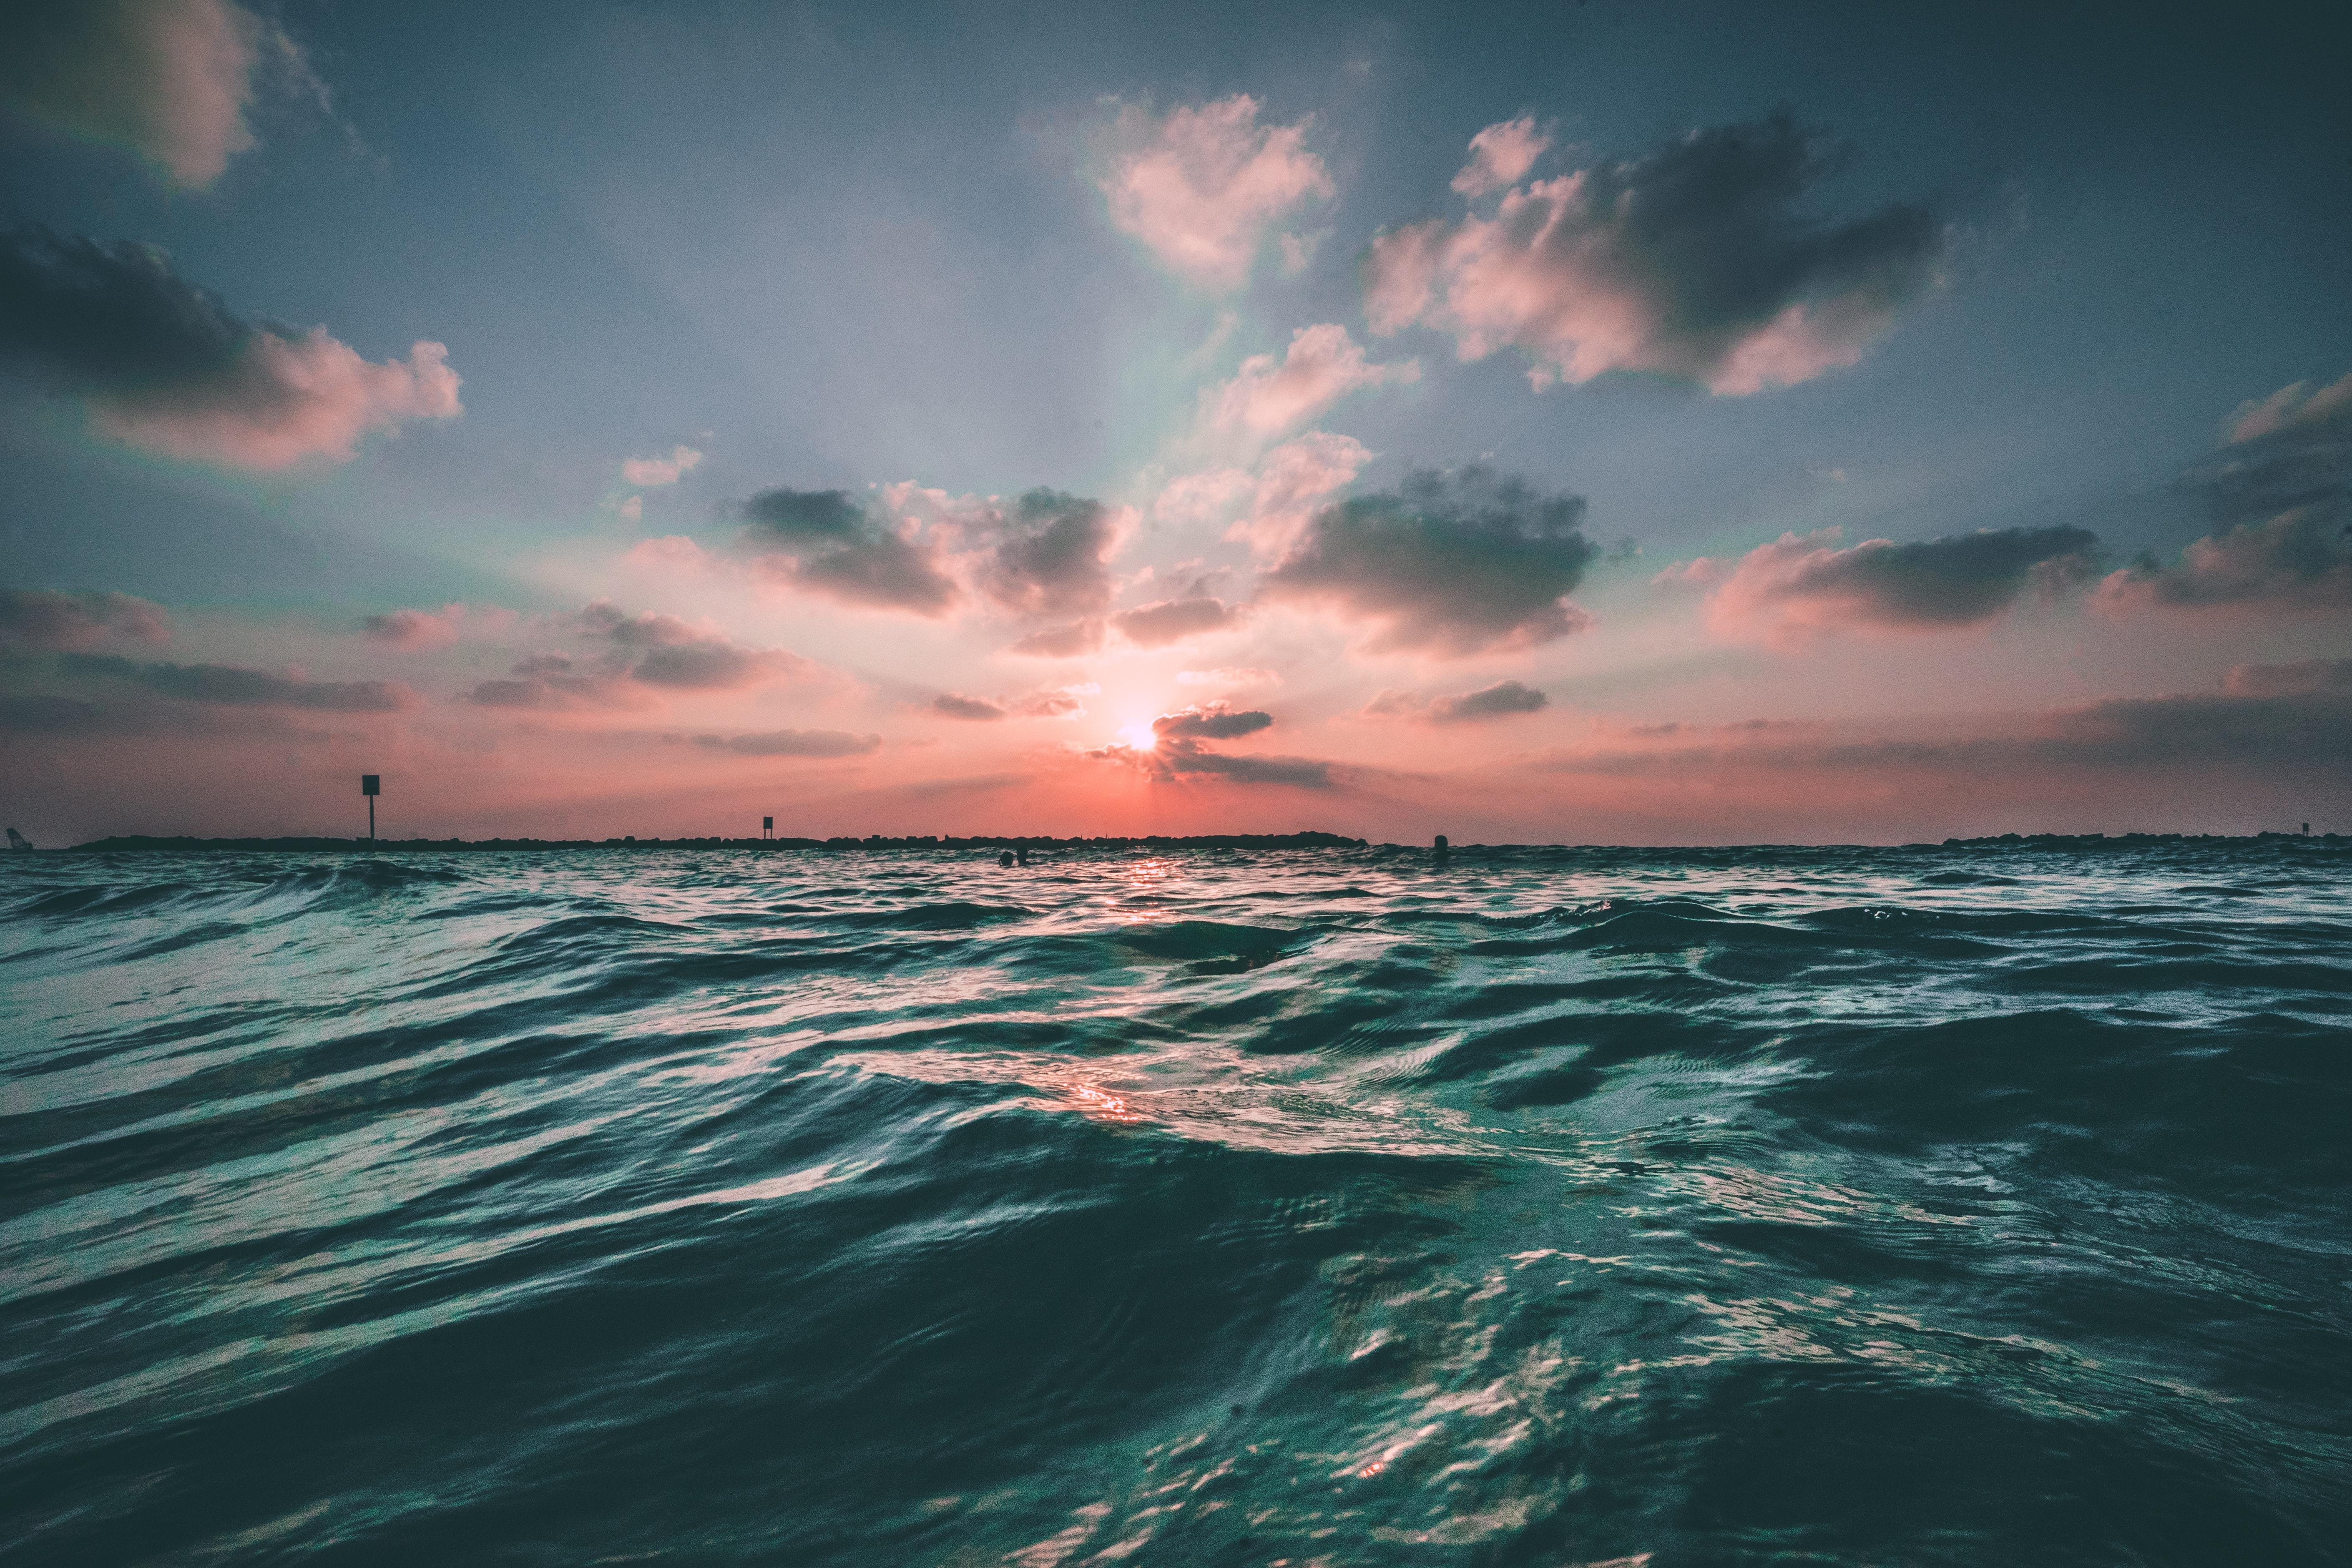 cenizas en el mar sostenible